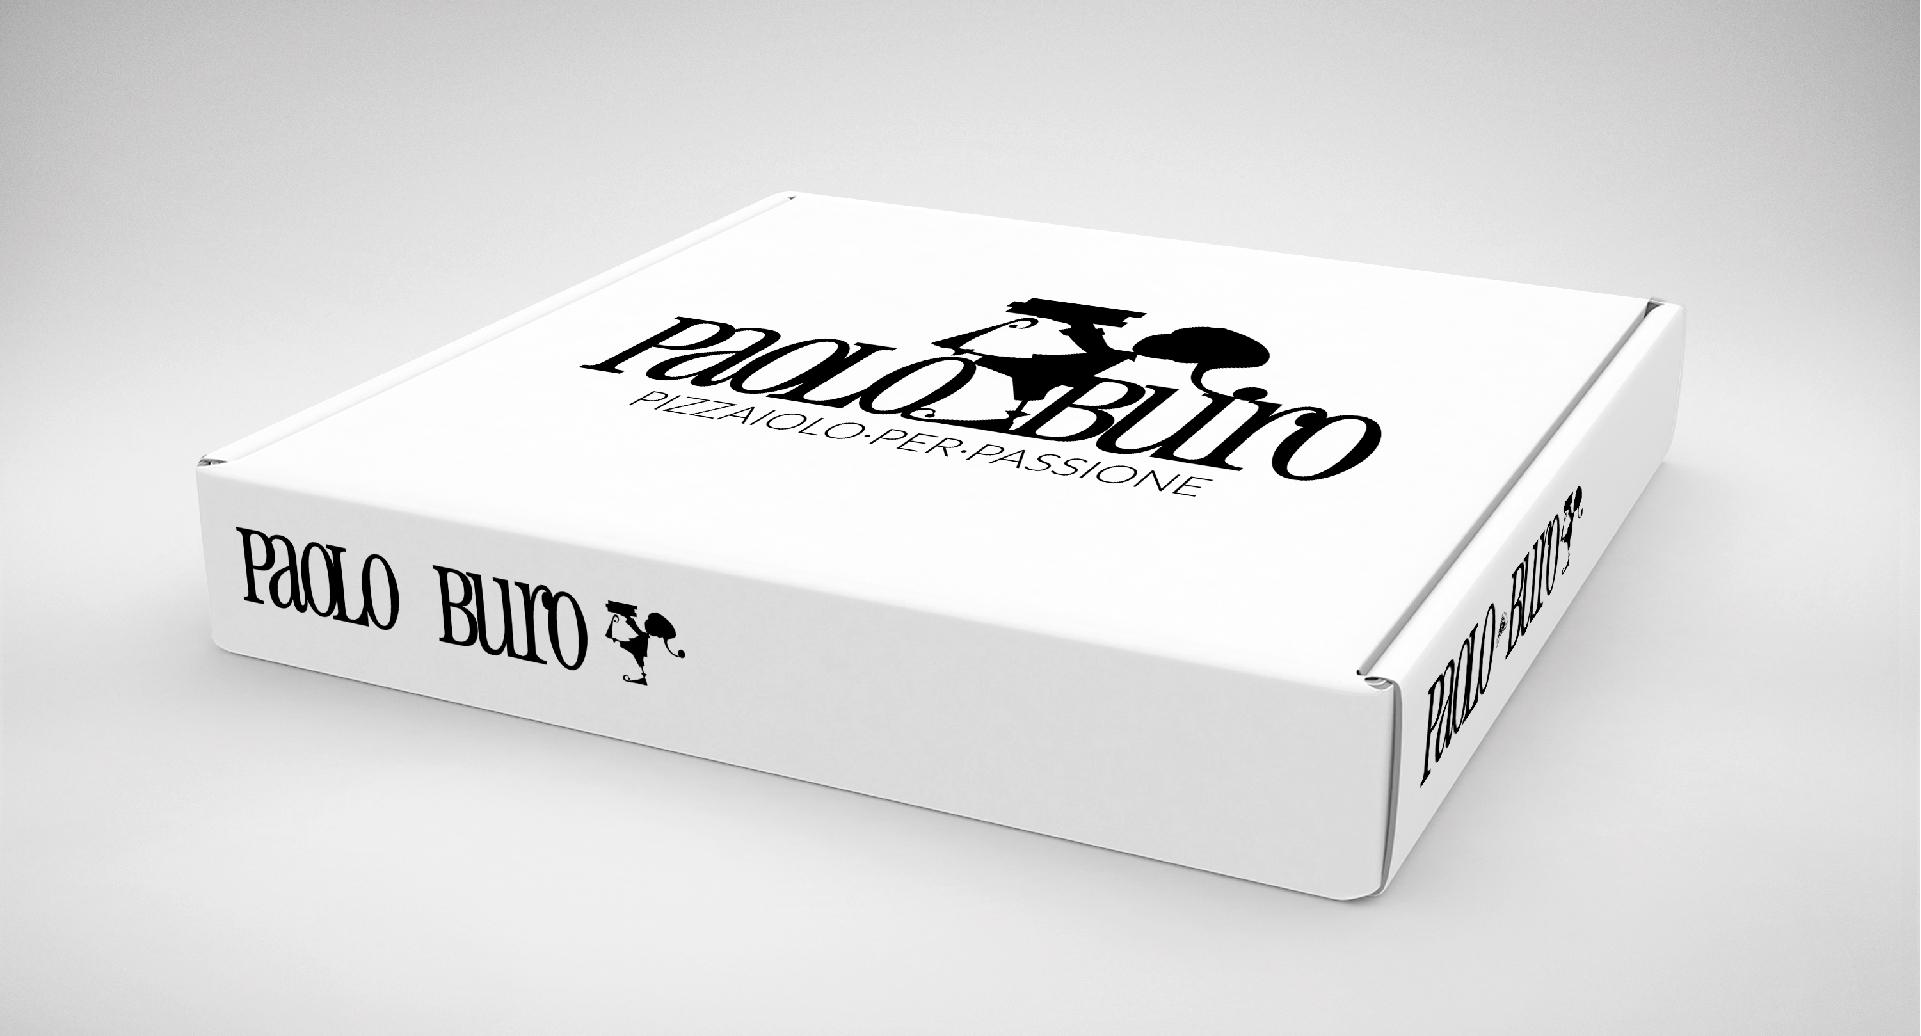 Paolo Buro Pizzeria il folletto